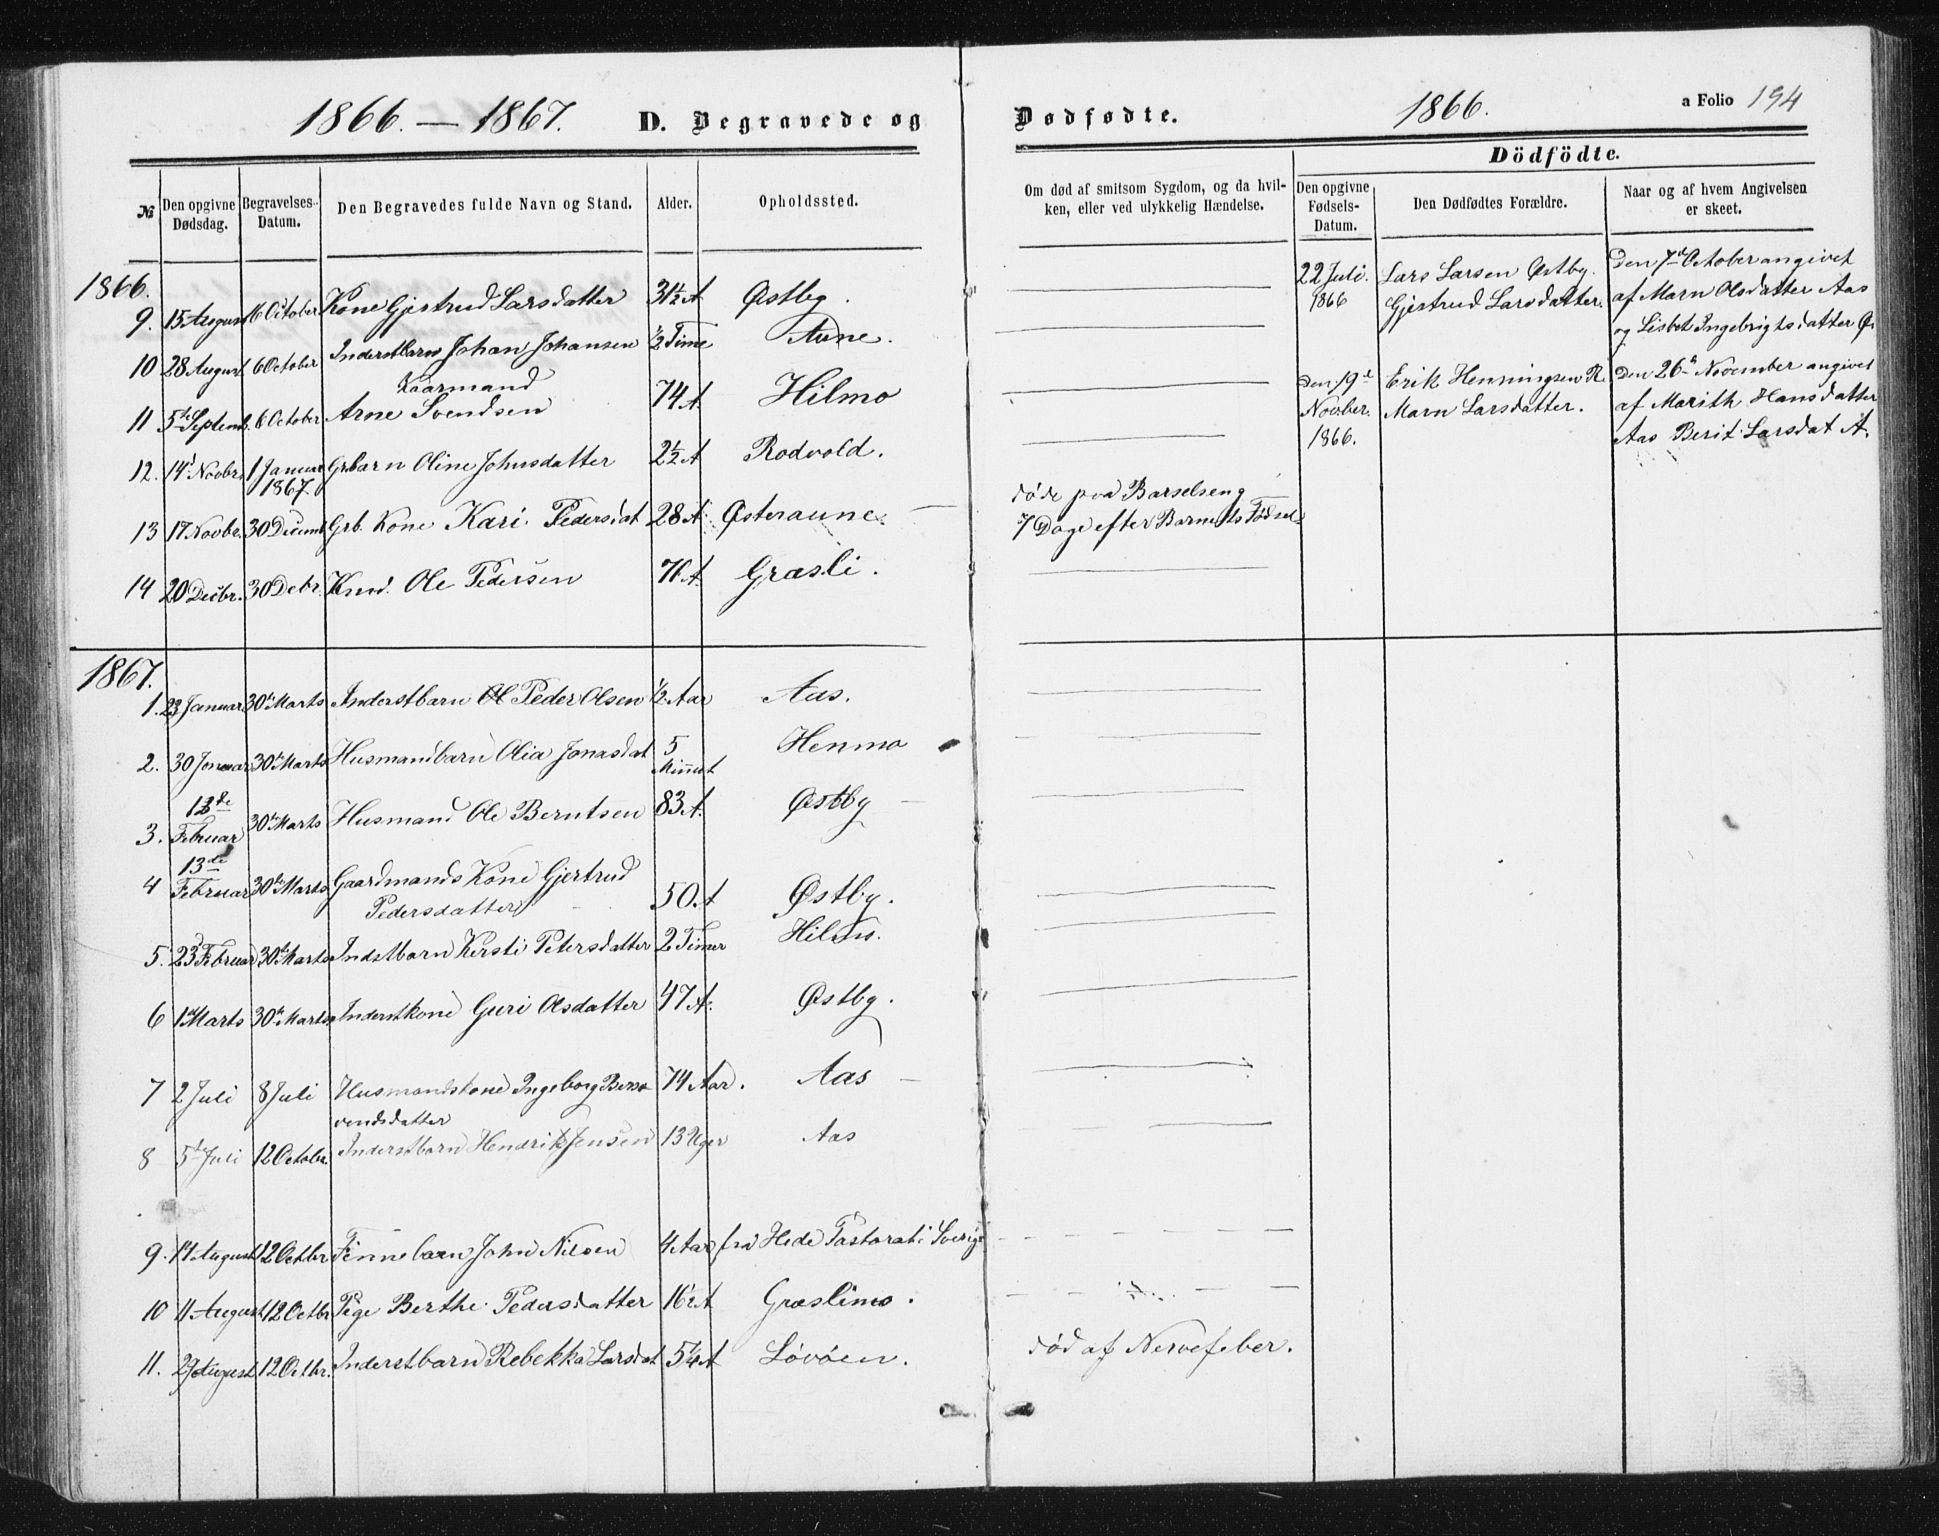 SAT, Ministerialprotokoller, klokkerbøker og fødselsregistre - Sør-Trøndelag, 698/L1166: Klokkerbok nr. 698C03, 1861-1887, s. 194